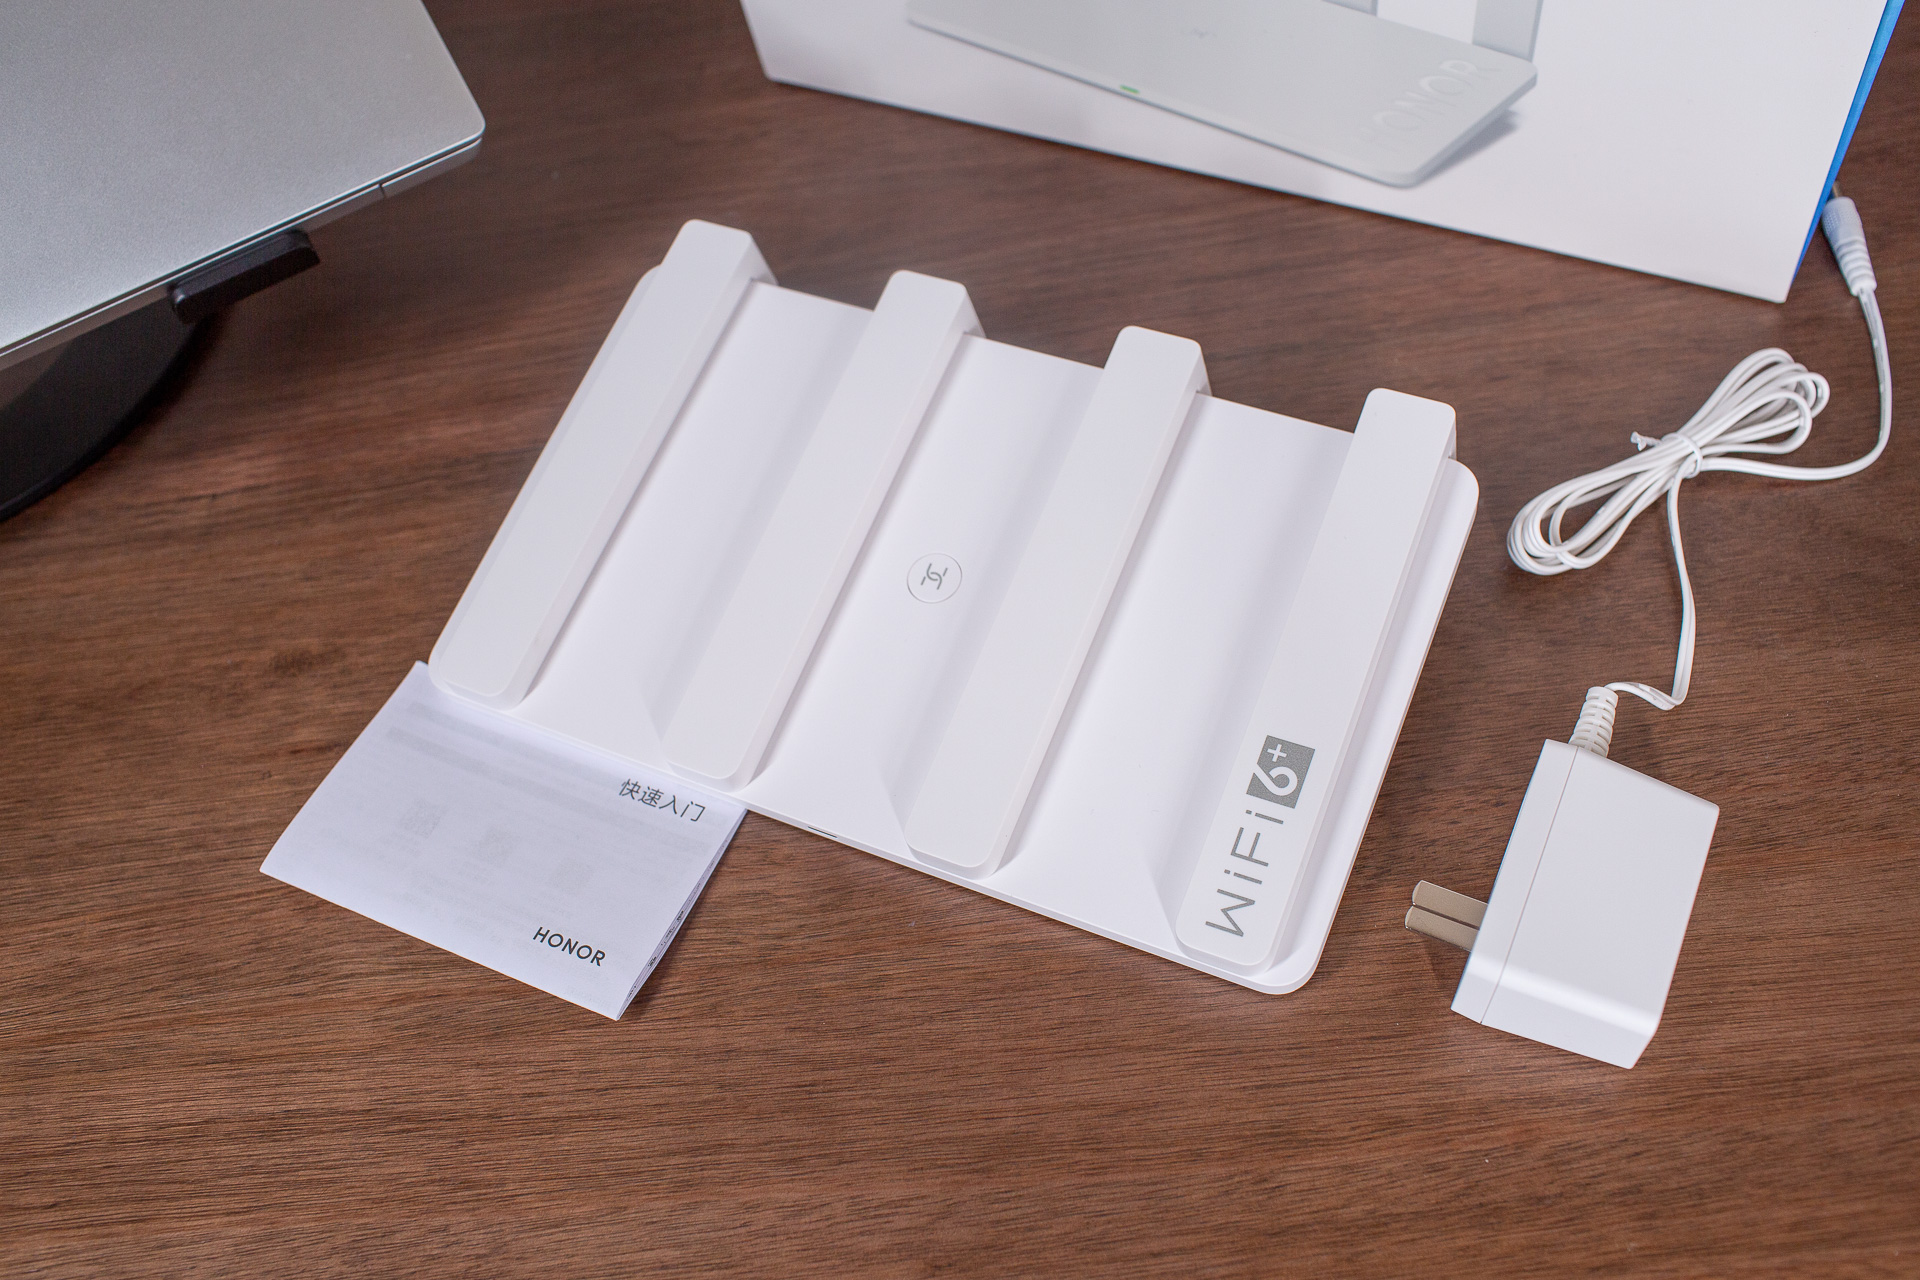 只要219的WiFi 6路由器值得买吗?荣耀路由 3测评